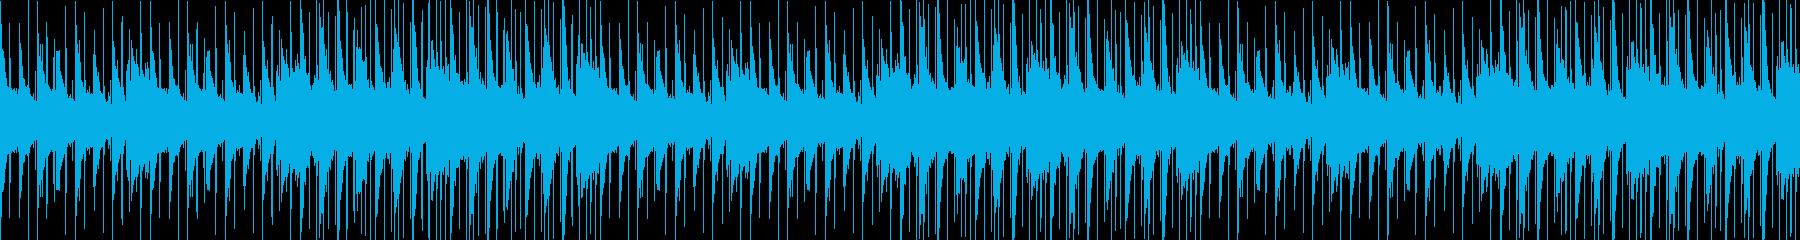 チルアウト、おしゃれ、ヒップホップの再生済みの波形